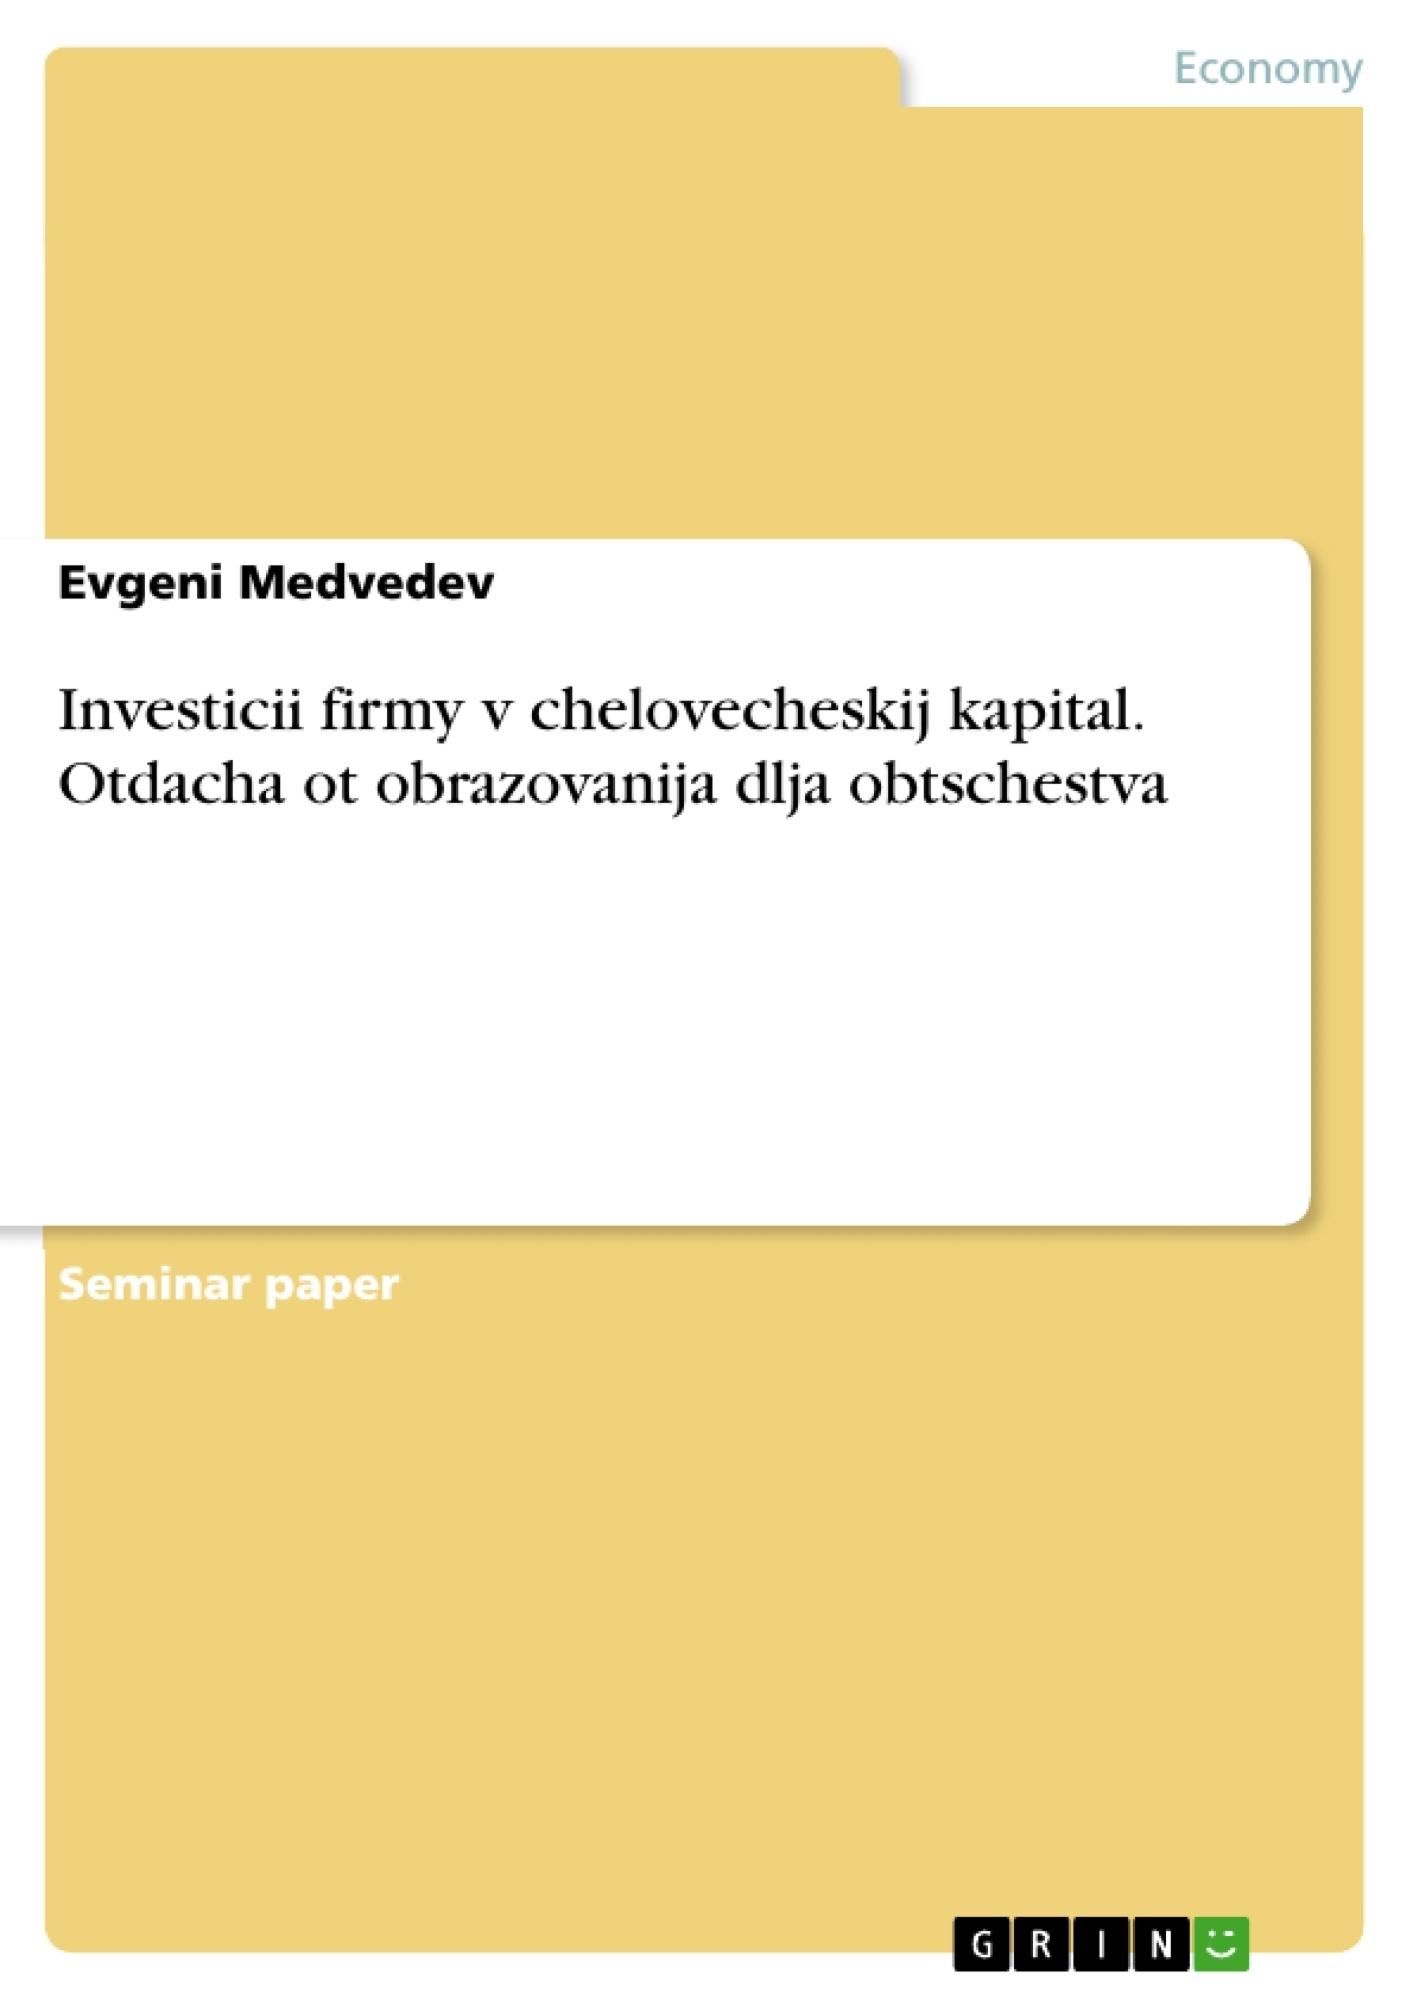 Title: Investicii firmy v chelovecheskij kapital. Otdacha ot obrazovanija dlja obtschestva